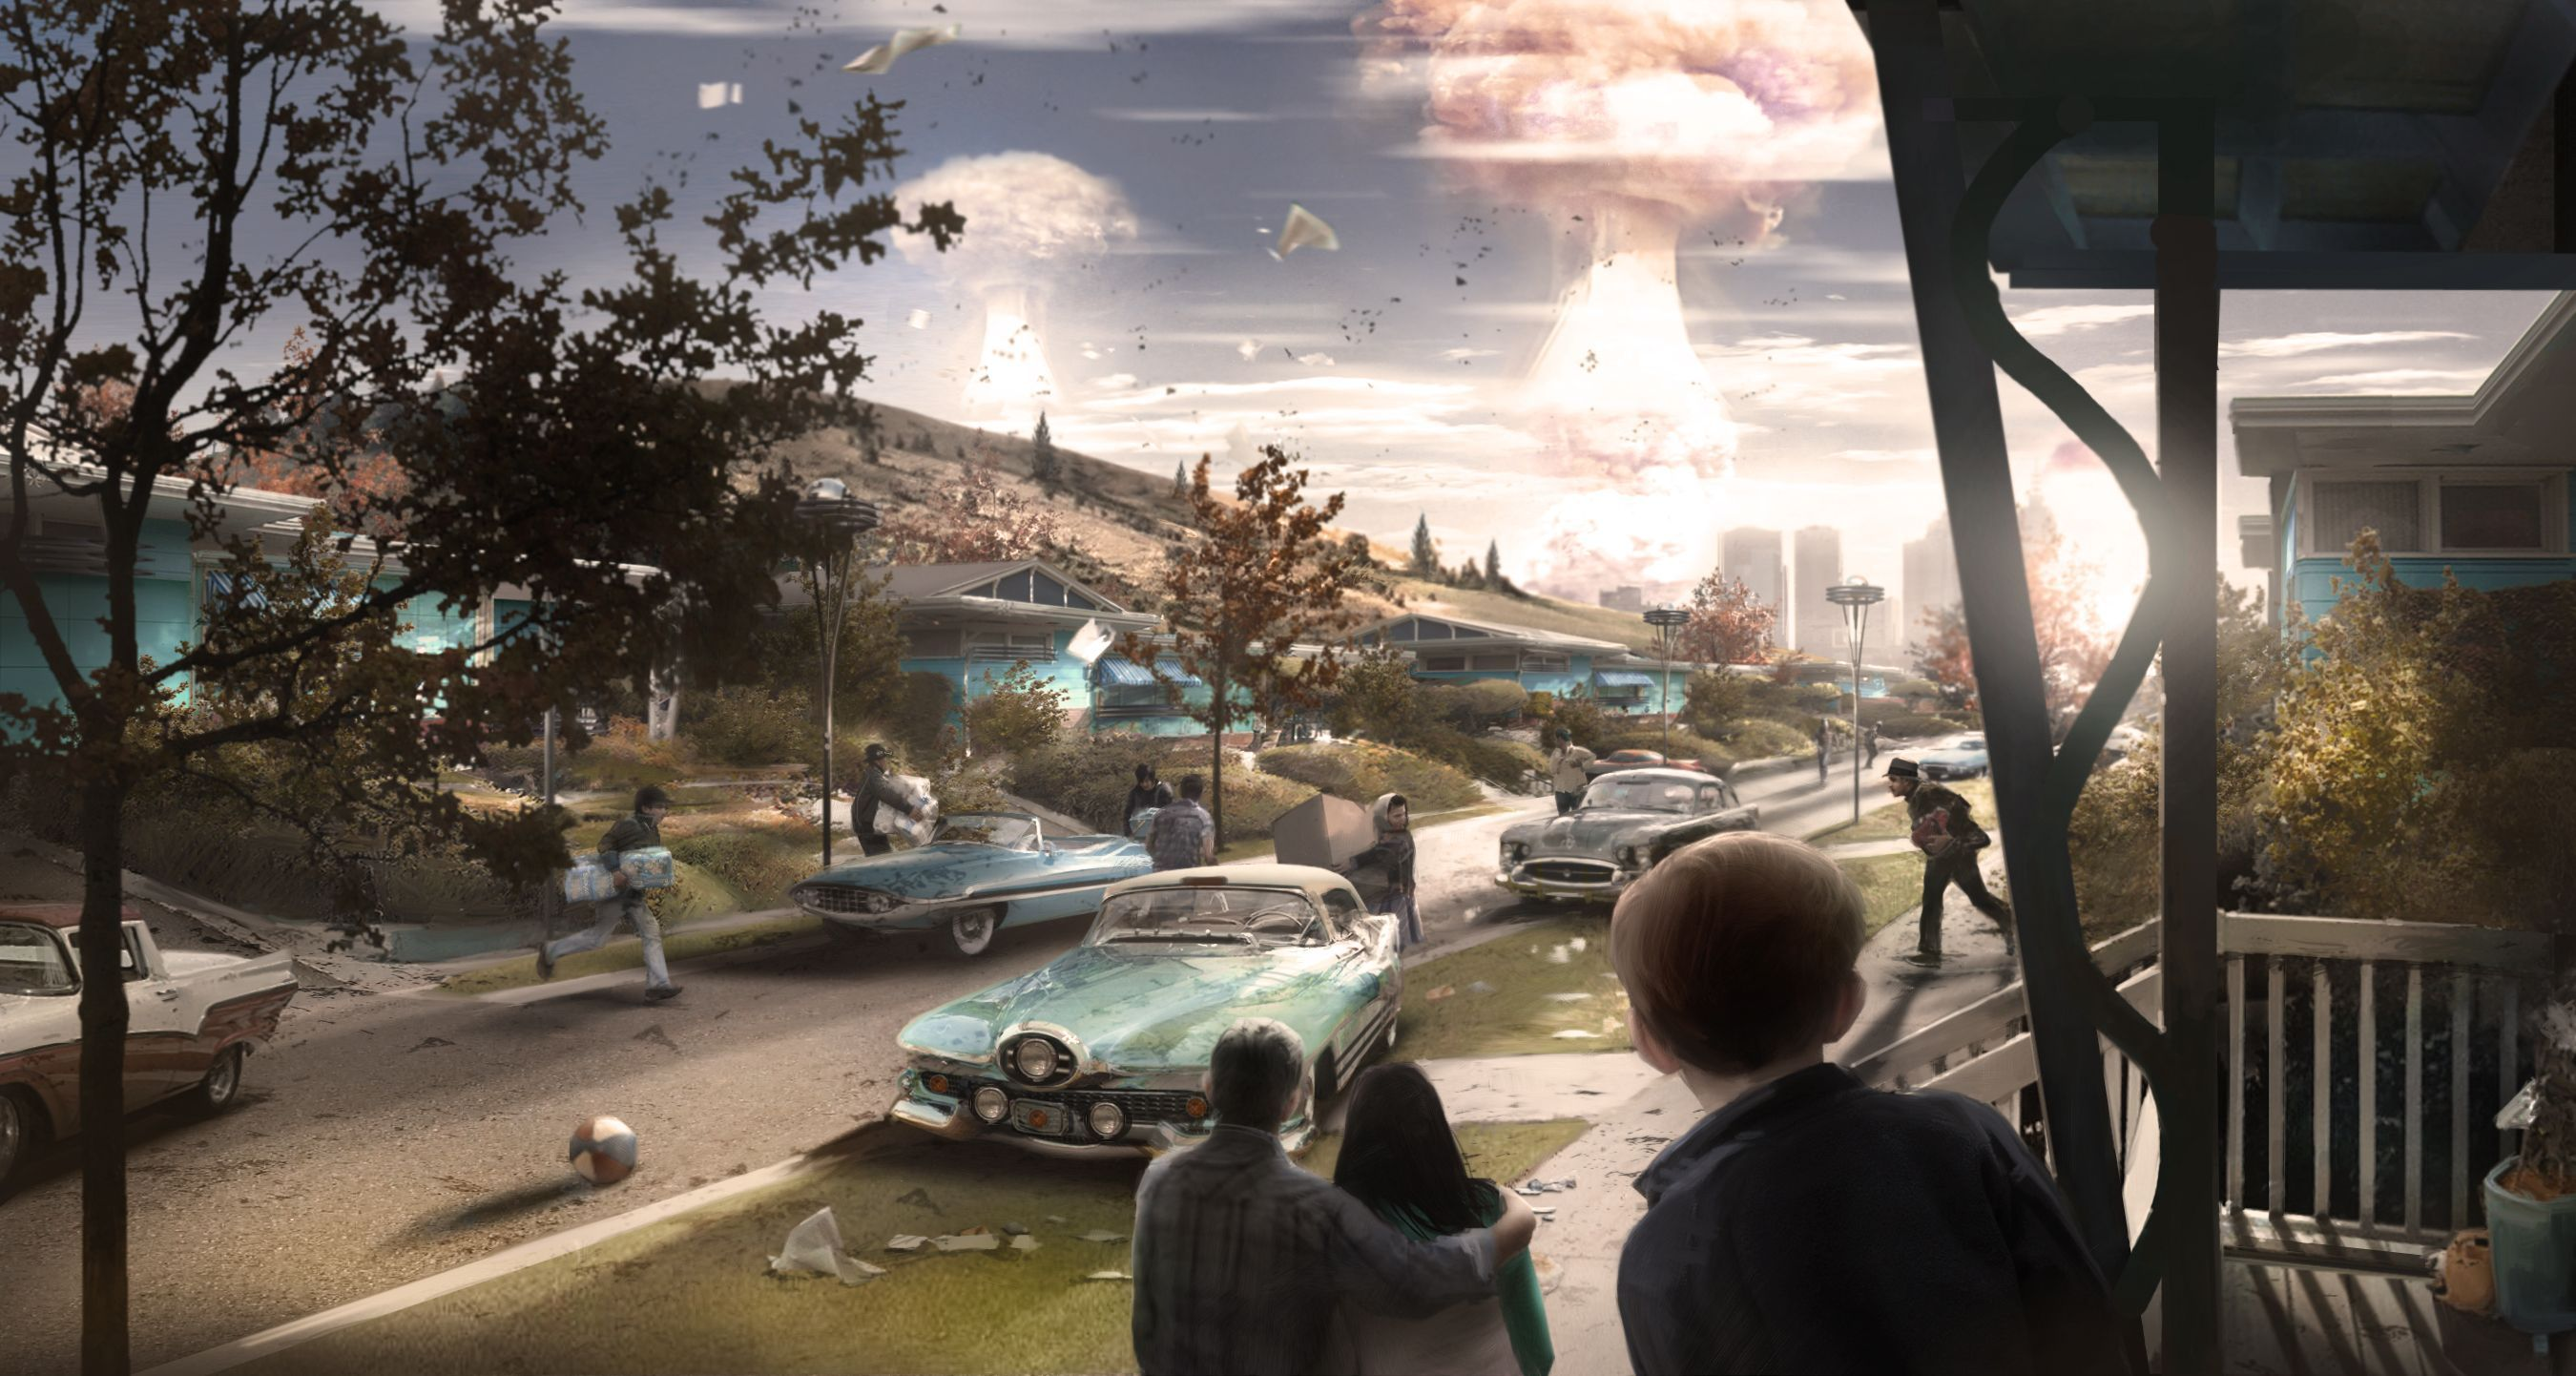 Fallout4_Concept_Blast_1434323459.0